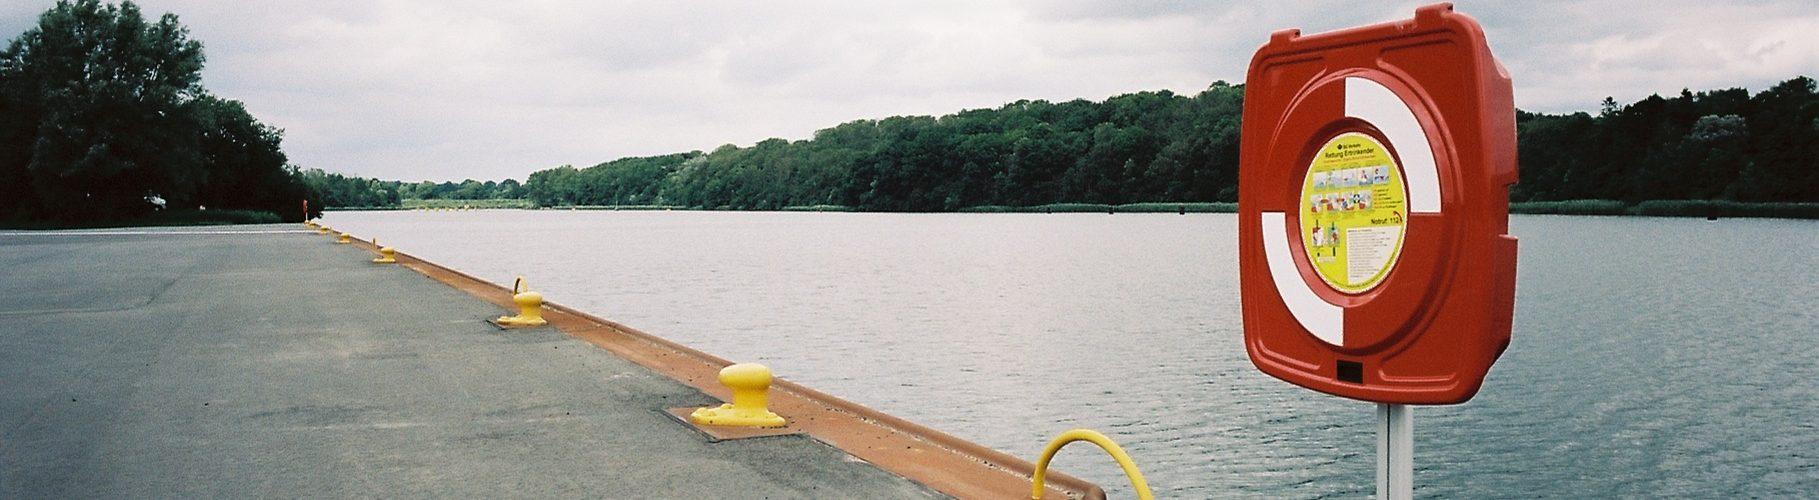 Flemhuder See, Arbeitshafen für die Kanalerweiterung   © weites.land